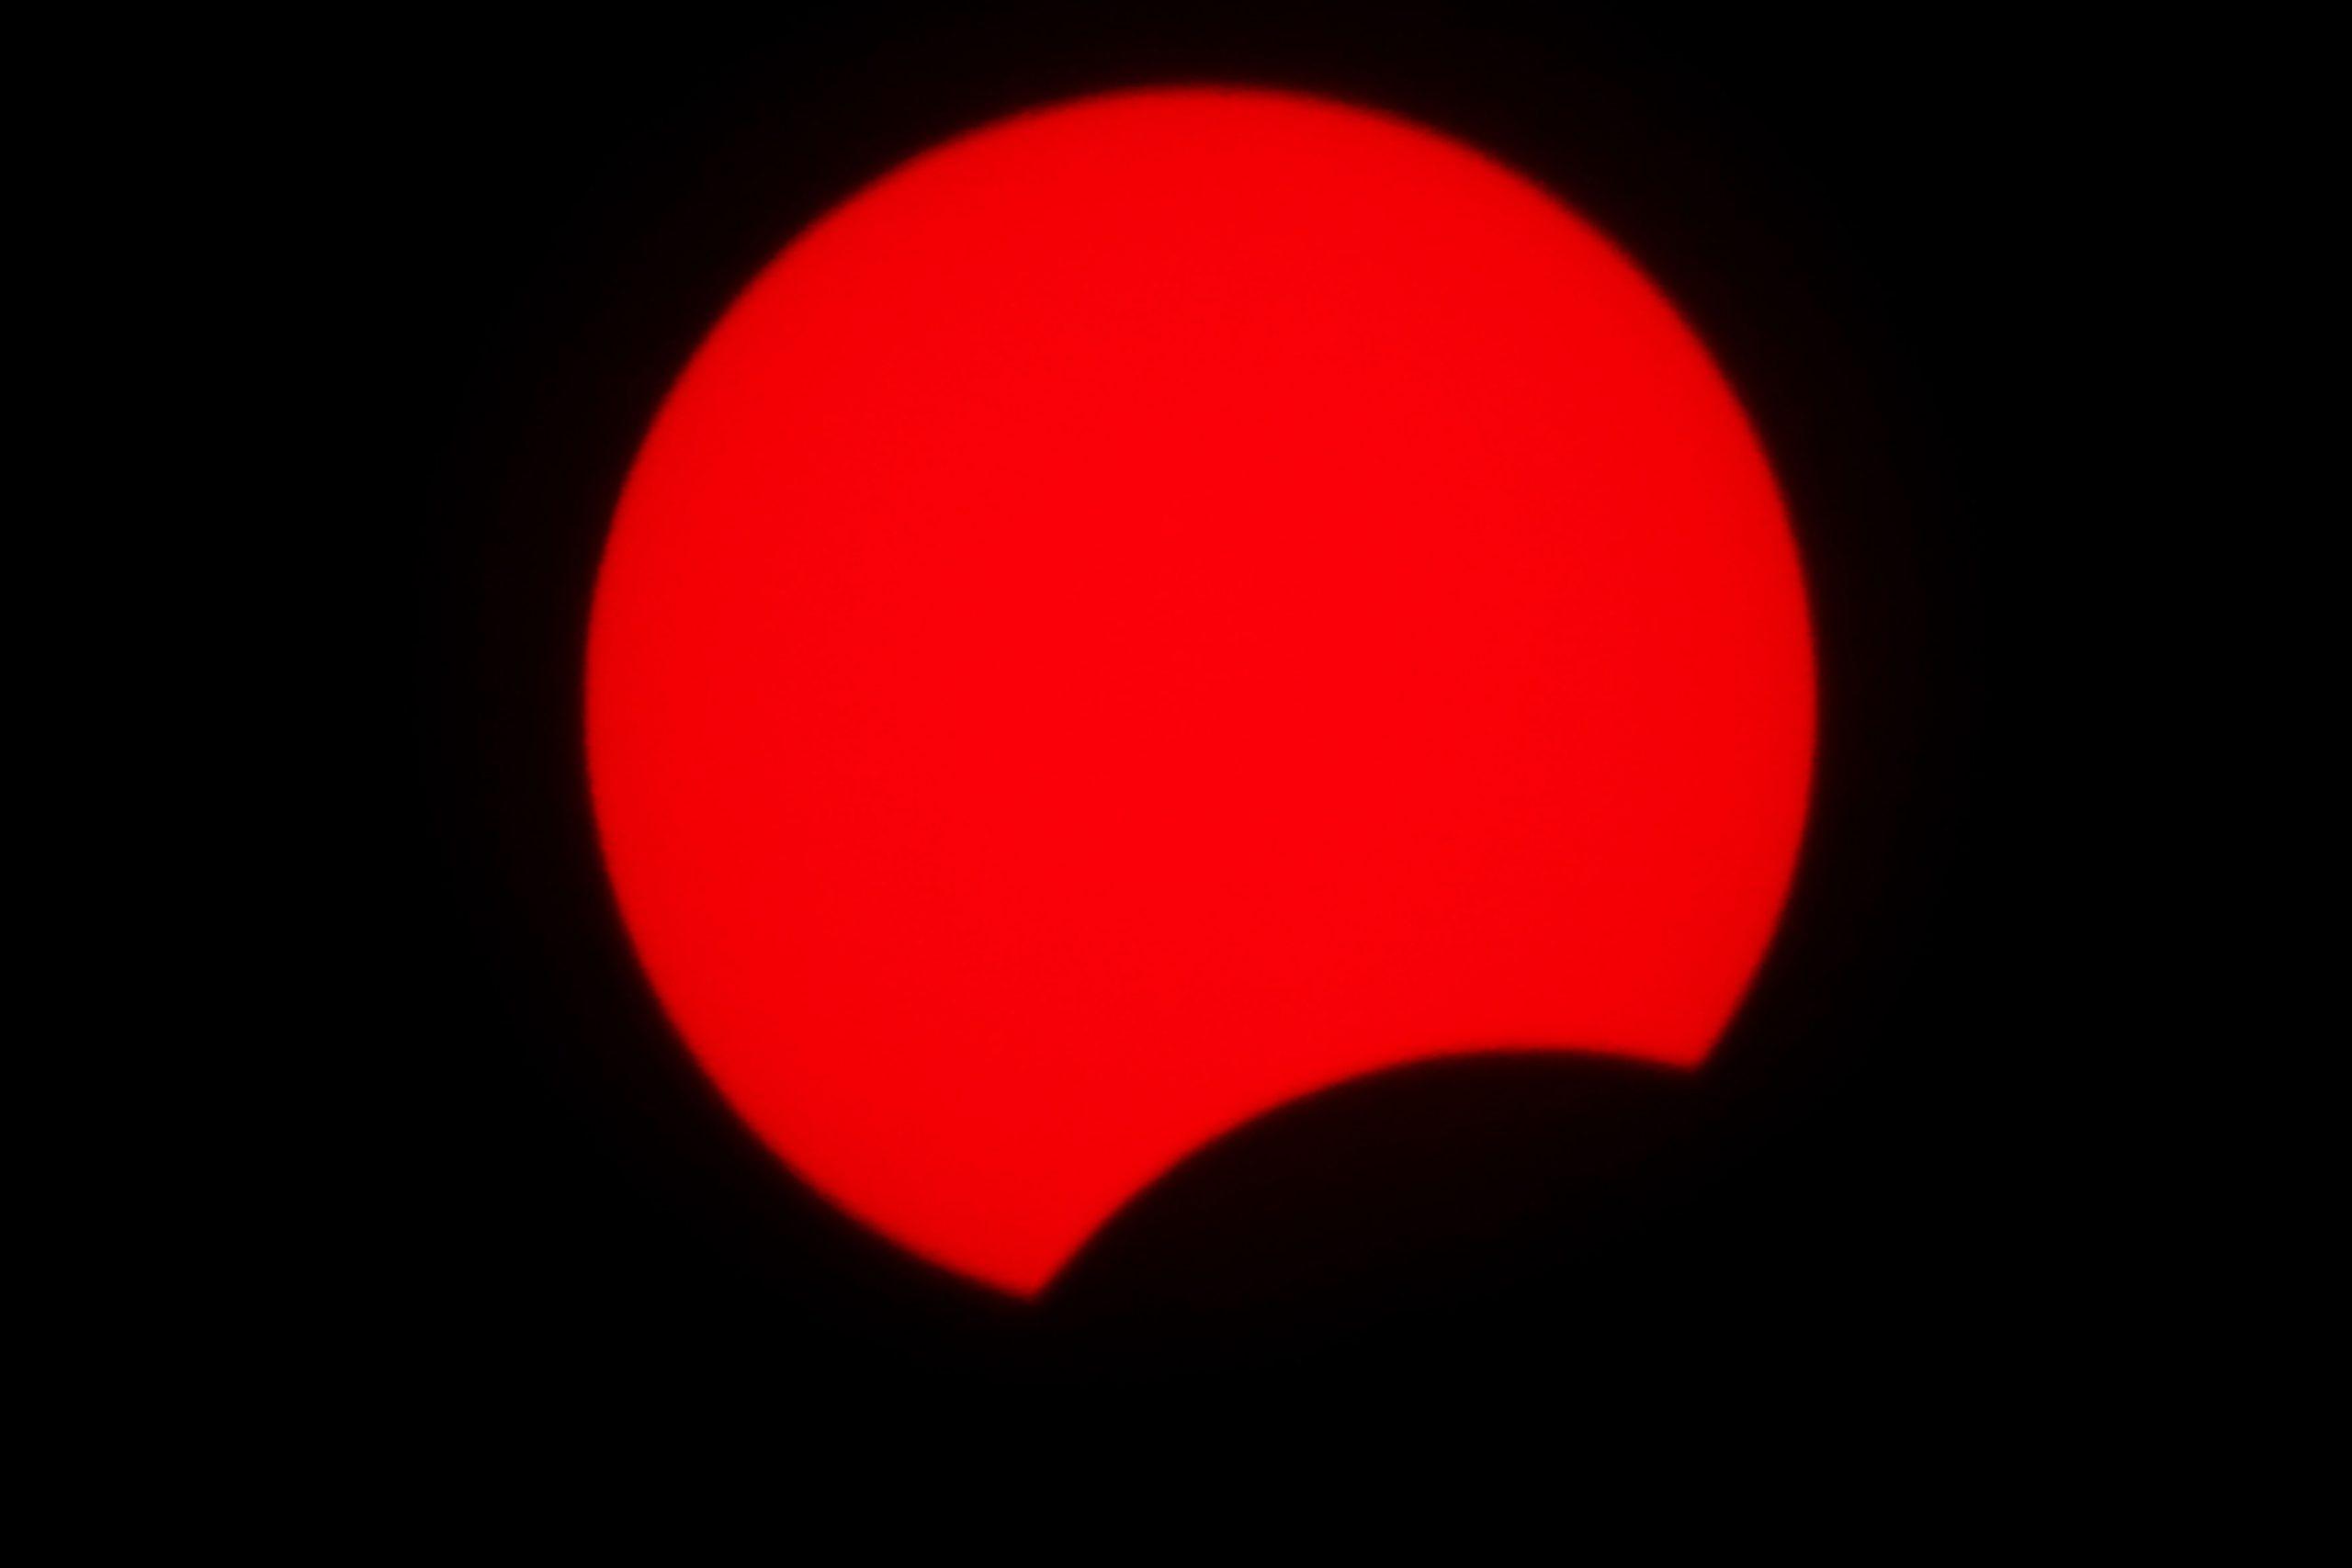 El anillo de fuego se forma cuando la luna se alinea con el sol